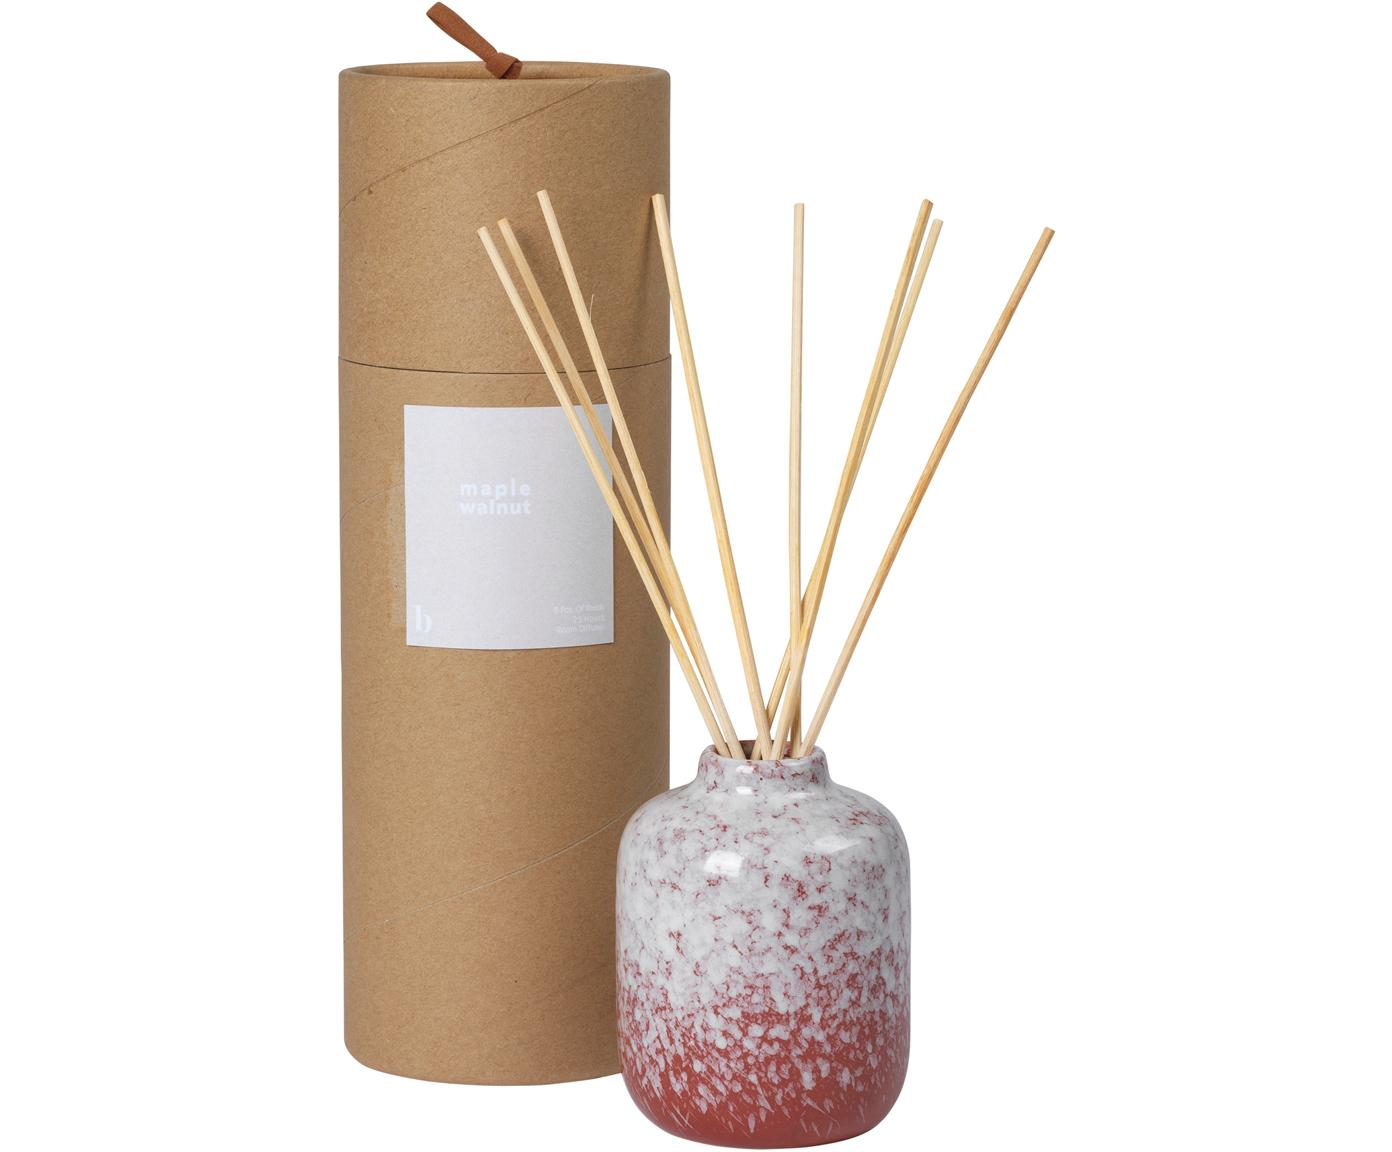 Diffuser Maple Walnut, Behälter: Keramik, Rot, Weiß, Ø 7 x H 9 cm